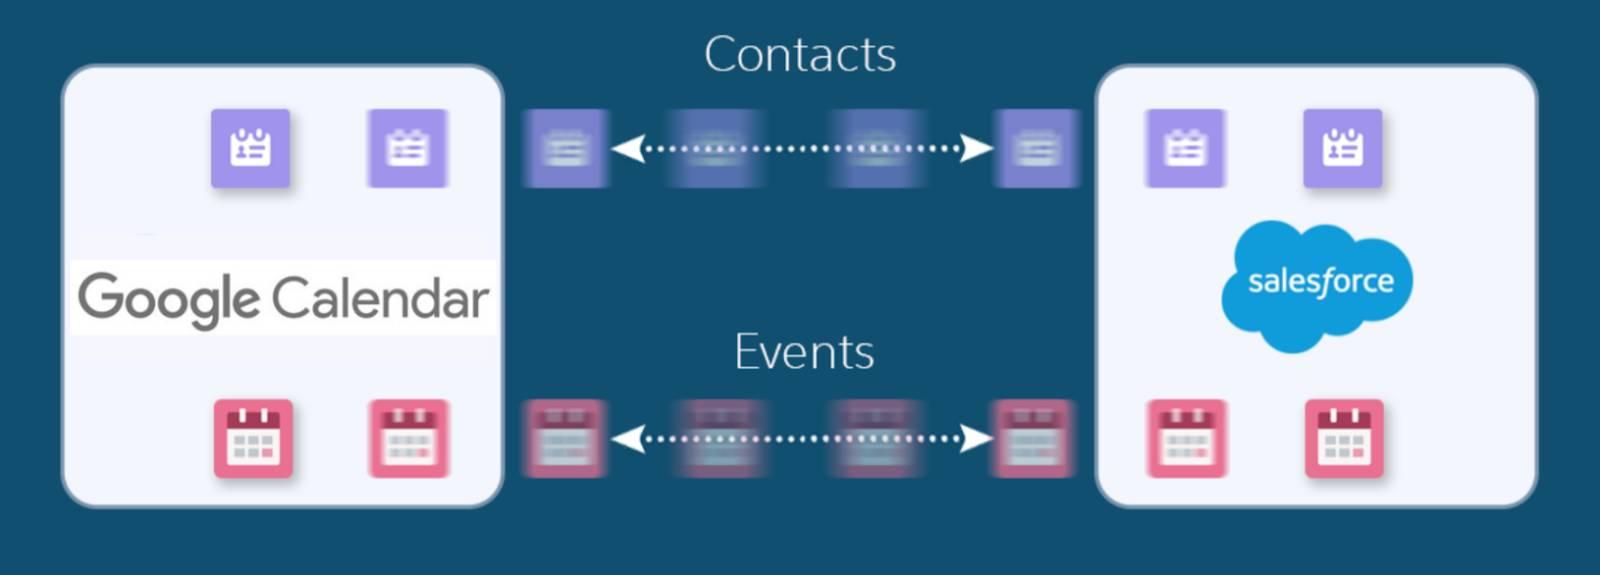 Bidirektionaler Datenfluss zwischen Kalender und Salesforce bei Kontakten und Ereignissen